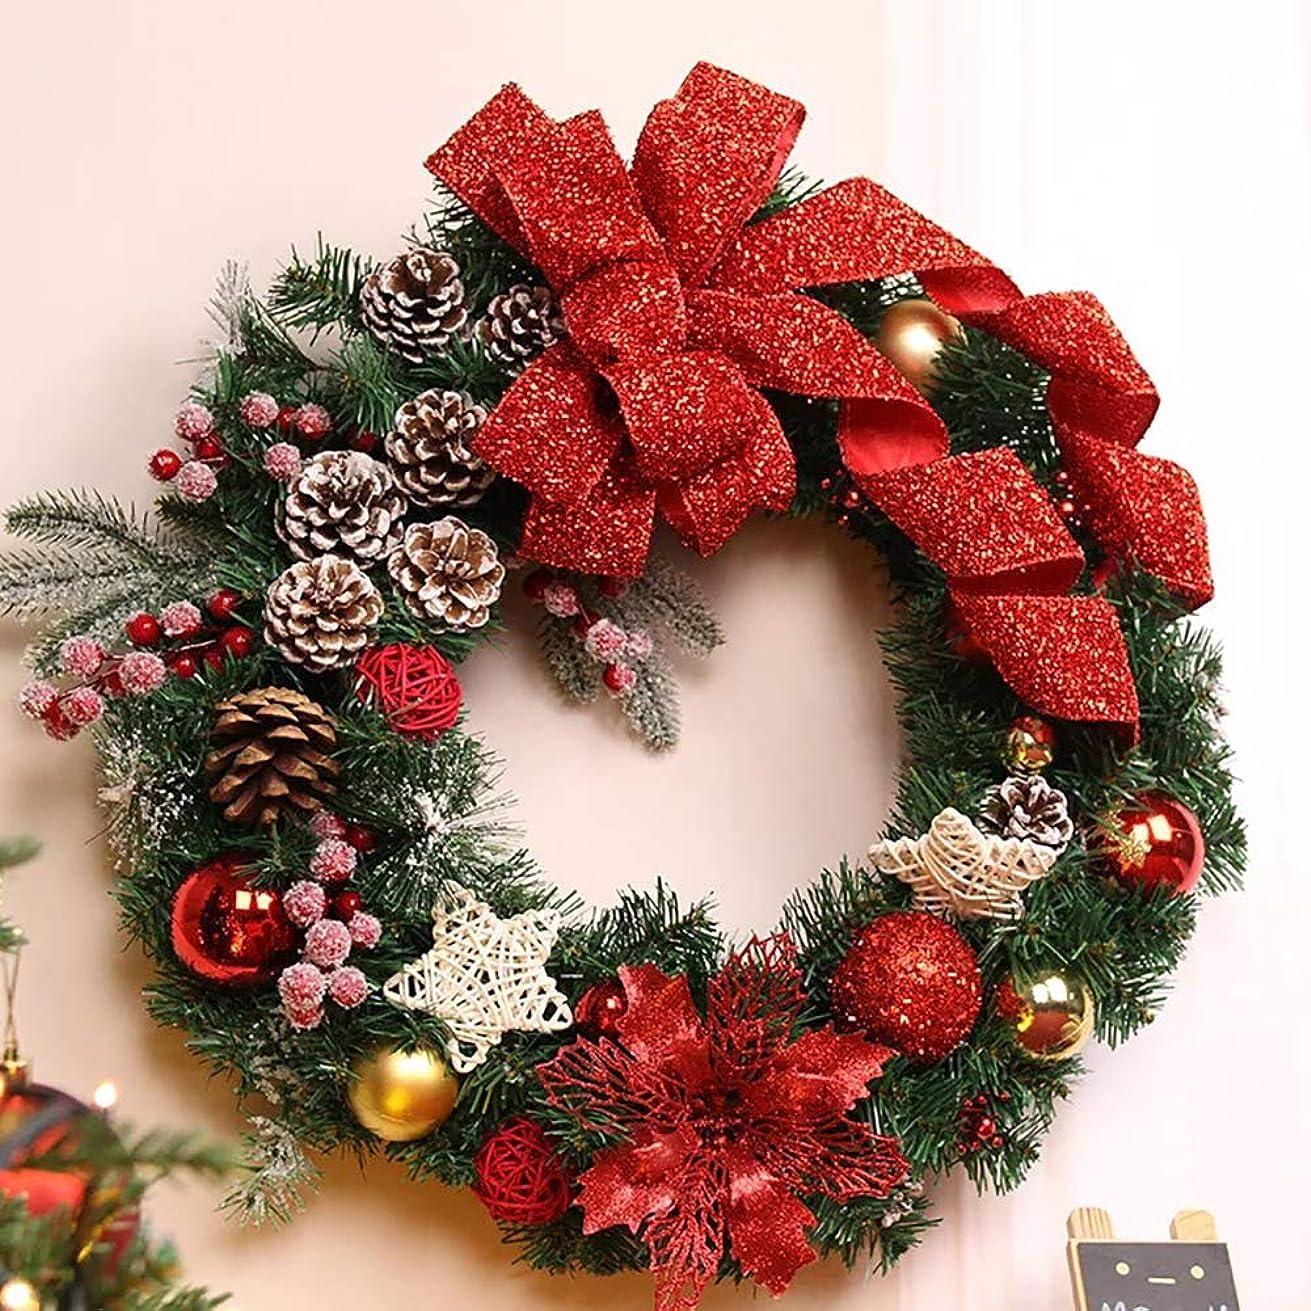 でも感度よろめくS&C Live クリスマス リース 大きい 50cm オーナメント付 ビッグ レッド リボン キラキラリボン スター 星 飾り ボール ポインセチア 松かさ 鮮やかな赤い実 ペッパーベリー スノーフレーク 雪イメージ 北欧風 大人 高級風 ゴージャス おしゃれ 素敵 クリスマス リース 玄関 ドア 壁掛け 癒し 定番 X'mas リース ショーウィンドーディスプレー リース お店飾り 店舗飾り 赤 レッド#180289 (50㎝)